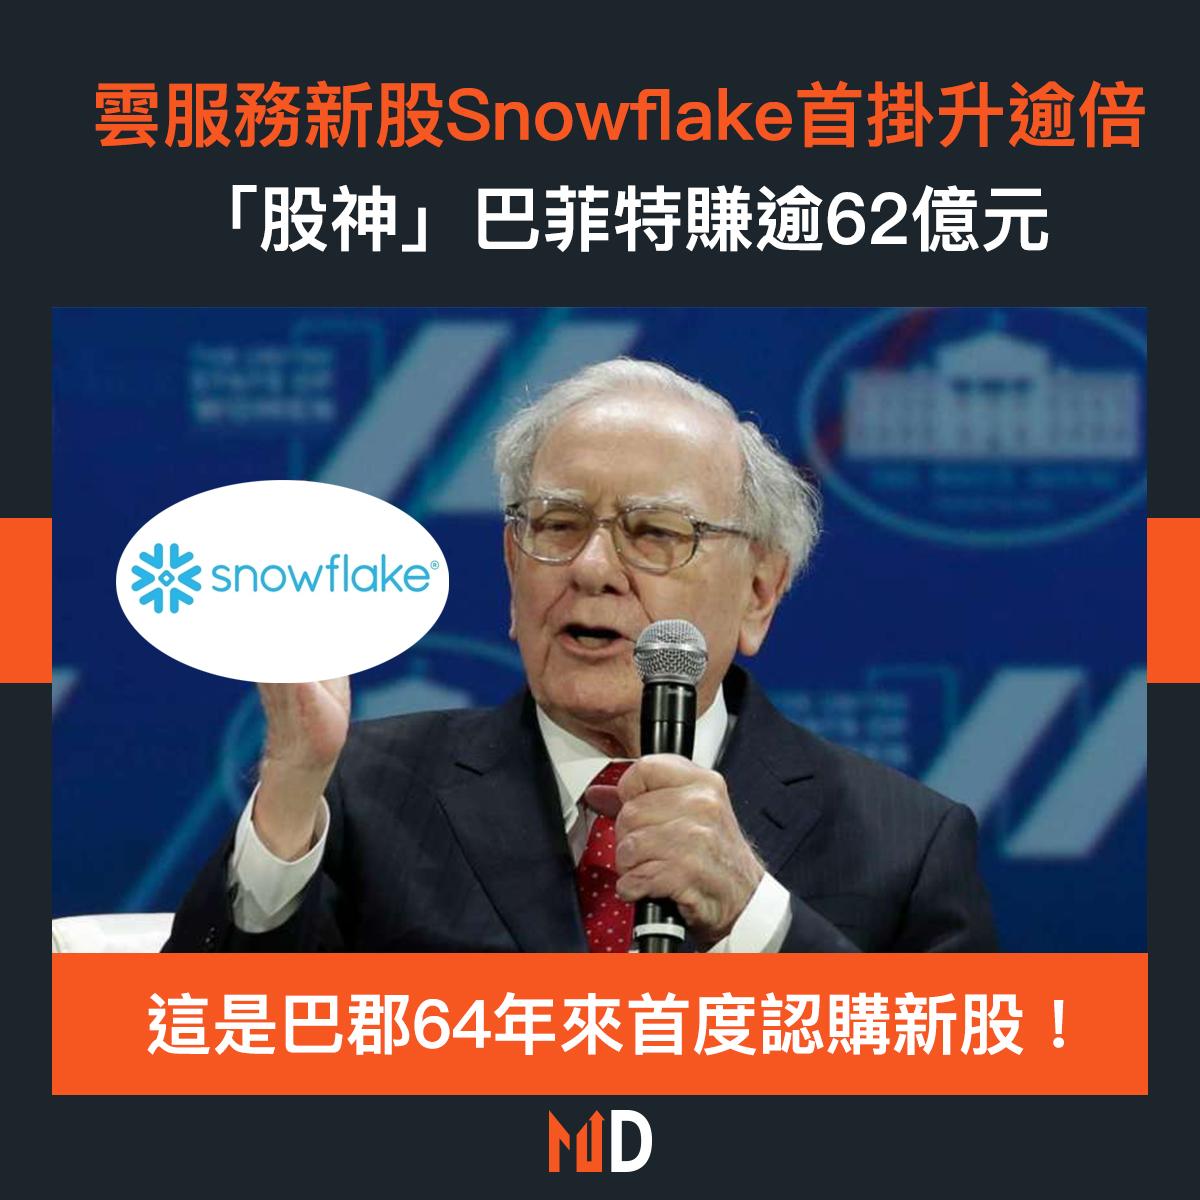 【市場熱話】雲服務新股Snowflake首掛升逾倍,「股神」巴菲特賺逾62億元